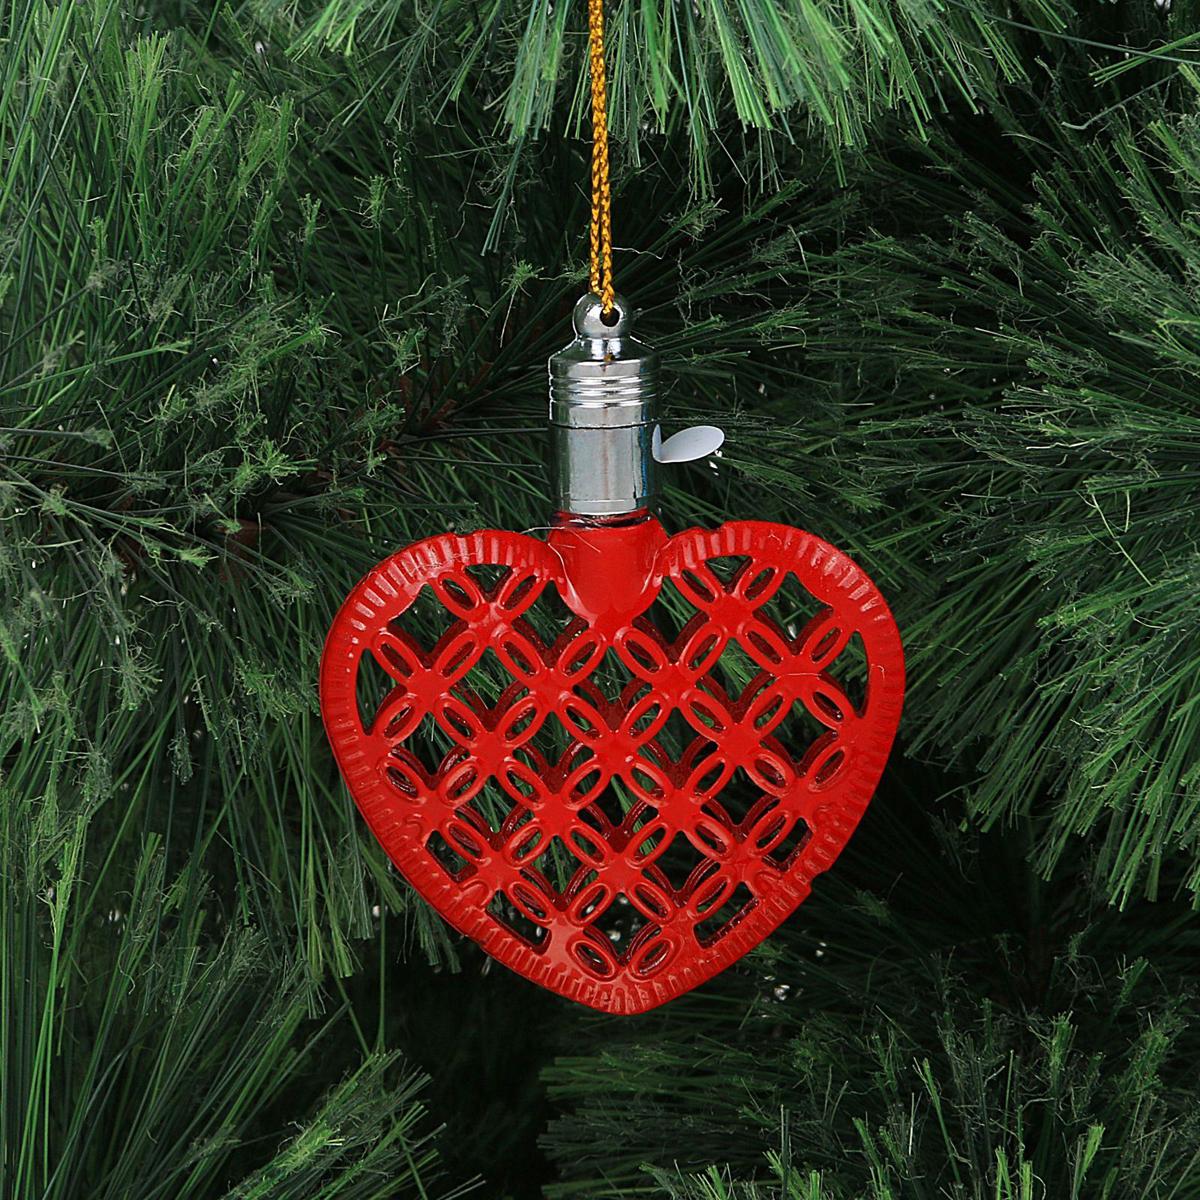 Украшение новогоднее подвесное Luazon Lighting Сердце, световое, цвет: красный, 7,5 см2327172Световая новогодняя подвеска Luazon Lighting выполнена из металла в виде сердца. Елочное украшение выглядит как простая елочная игрушка днем, но при этом остается видимой вечером. Просто включите изделие с наступлением темноты, и оно украсит елку огоньками. Подвеска Luazon Lighting работает от батареек (входят в комплект) и пожаробезопасна, так как светодиоды не нагреваются, в отличие от ламп накаливания.